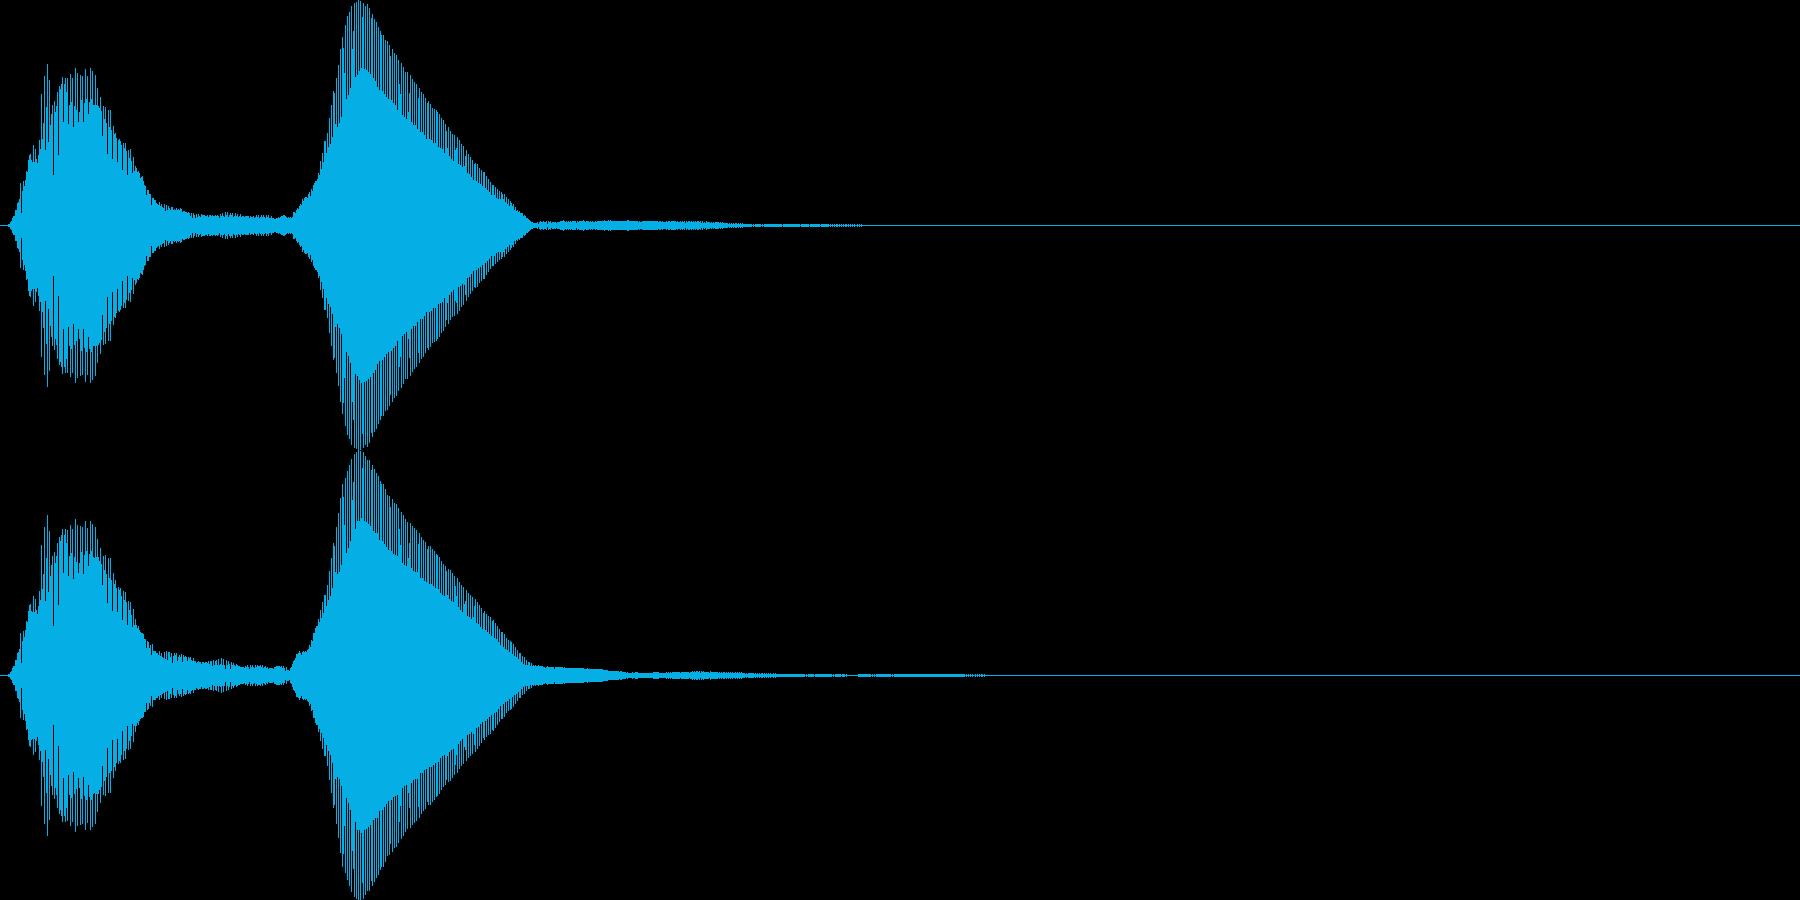 パフ。パフパフラッパC(高・単発)の再生済みの波形